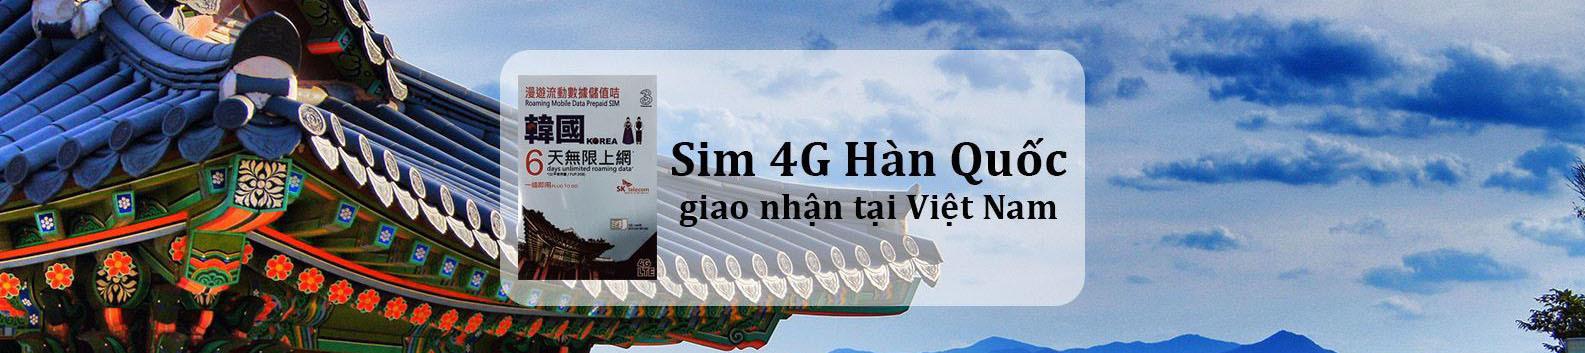 sim-4g-han-quoc-giao-nhan-tai-viet-nam